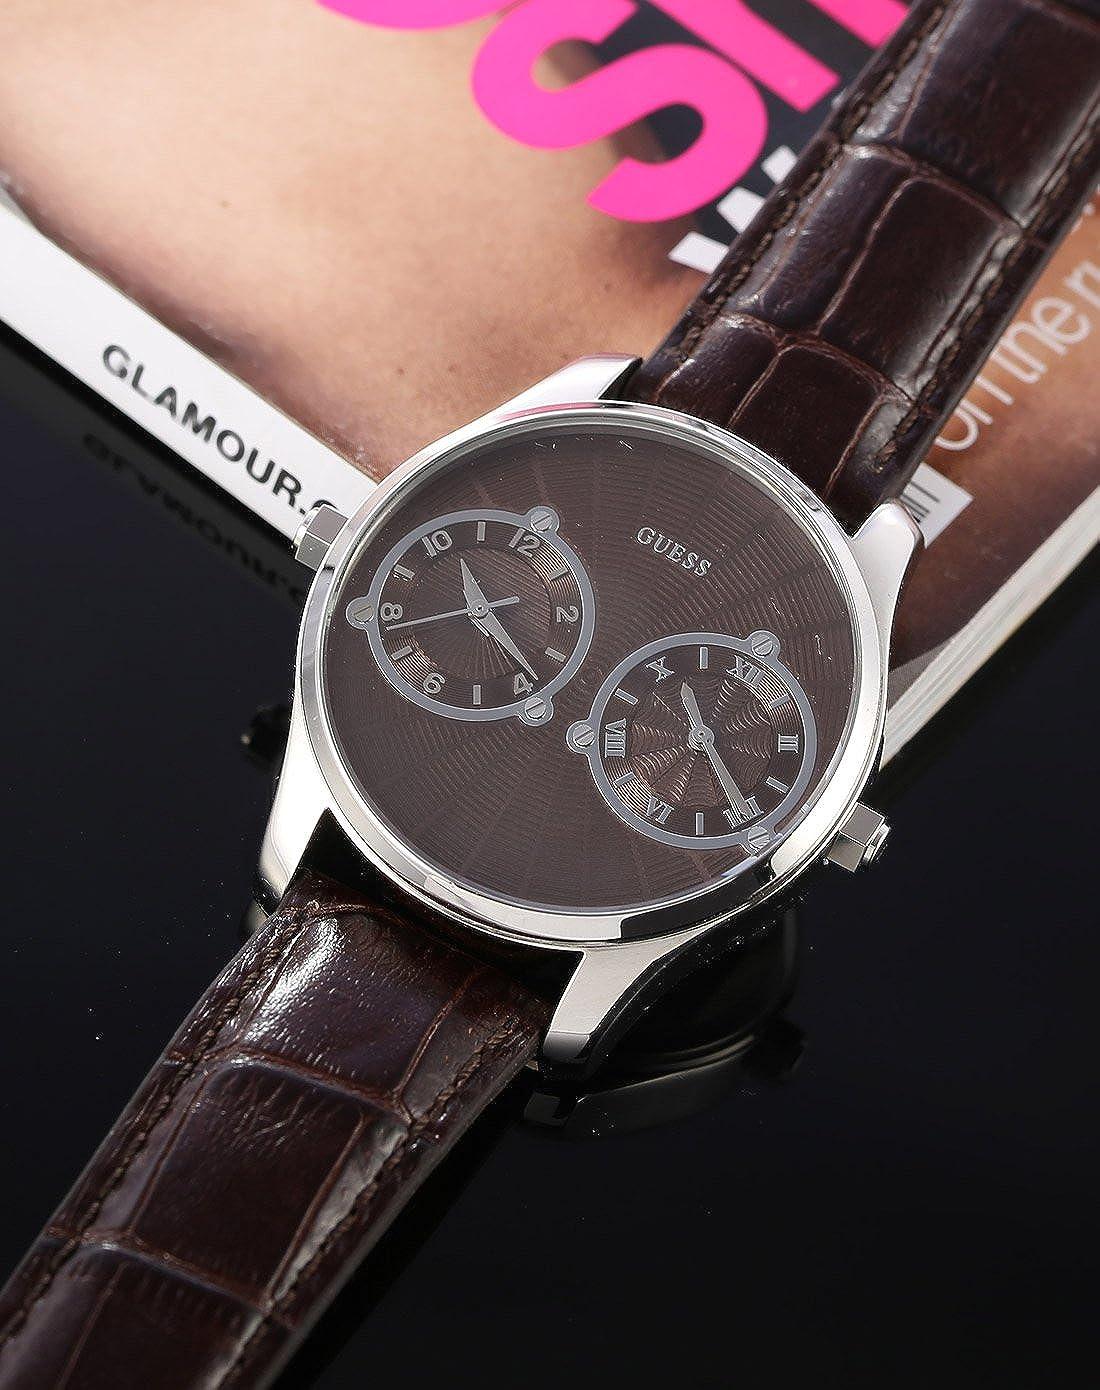 De Guess CuarzoCorrea Steel 70004g1 Reloj Mujer Dress Duce lJ3uK1cFT